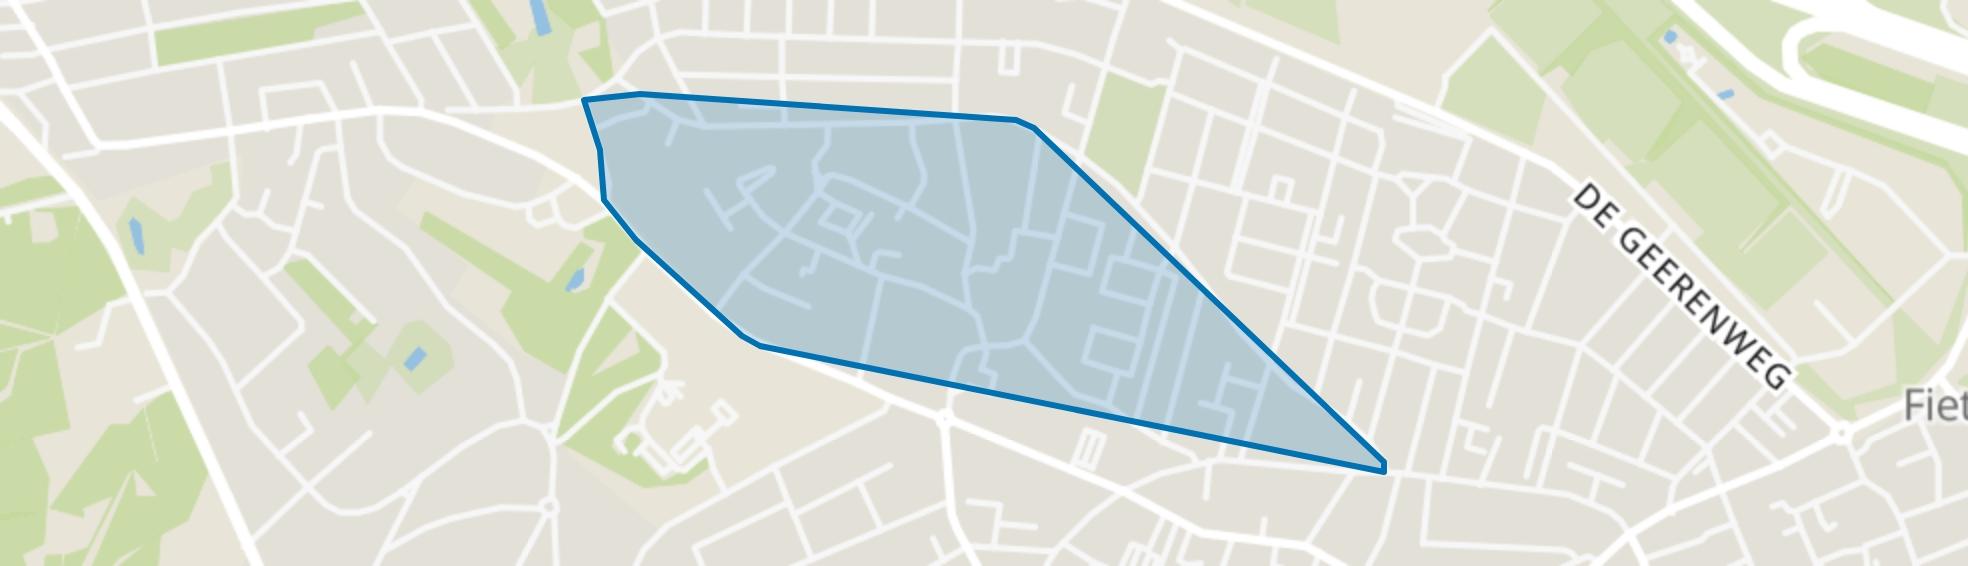 Zandvoort, Baarn map